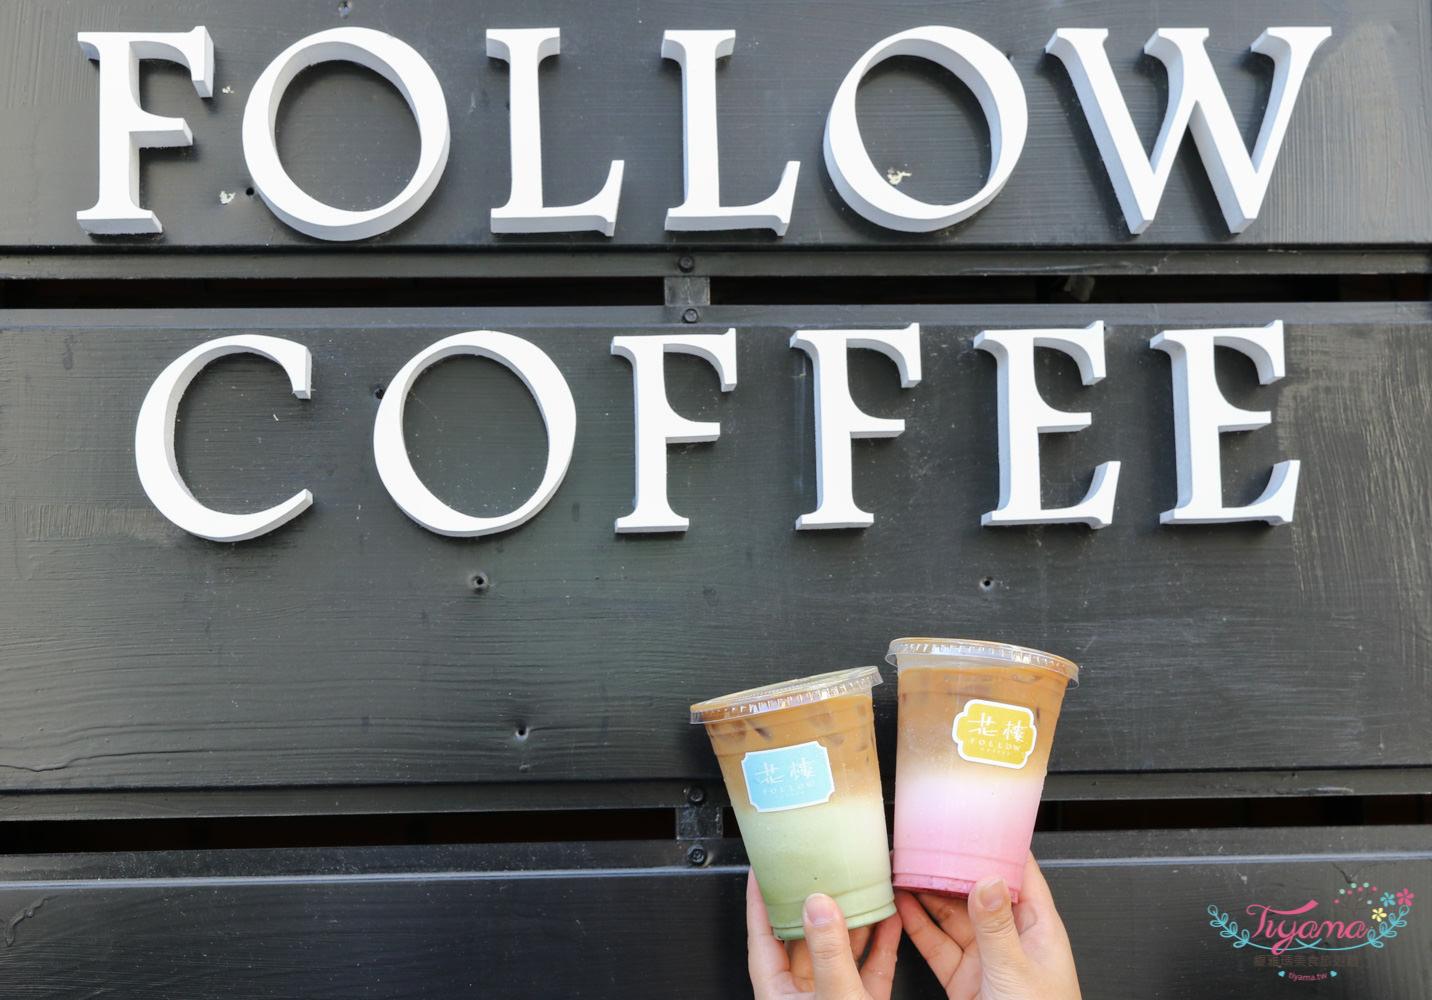 花樓 follow coffee|我不管就是要假掰,台南IG打卡名店 @緹雅瑪 美食旅遊趣